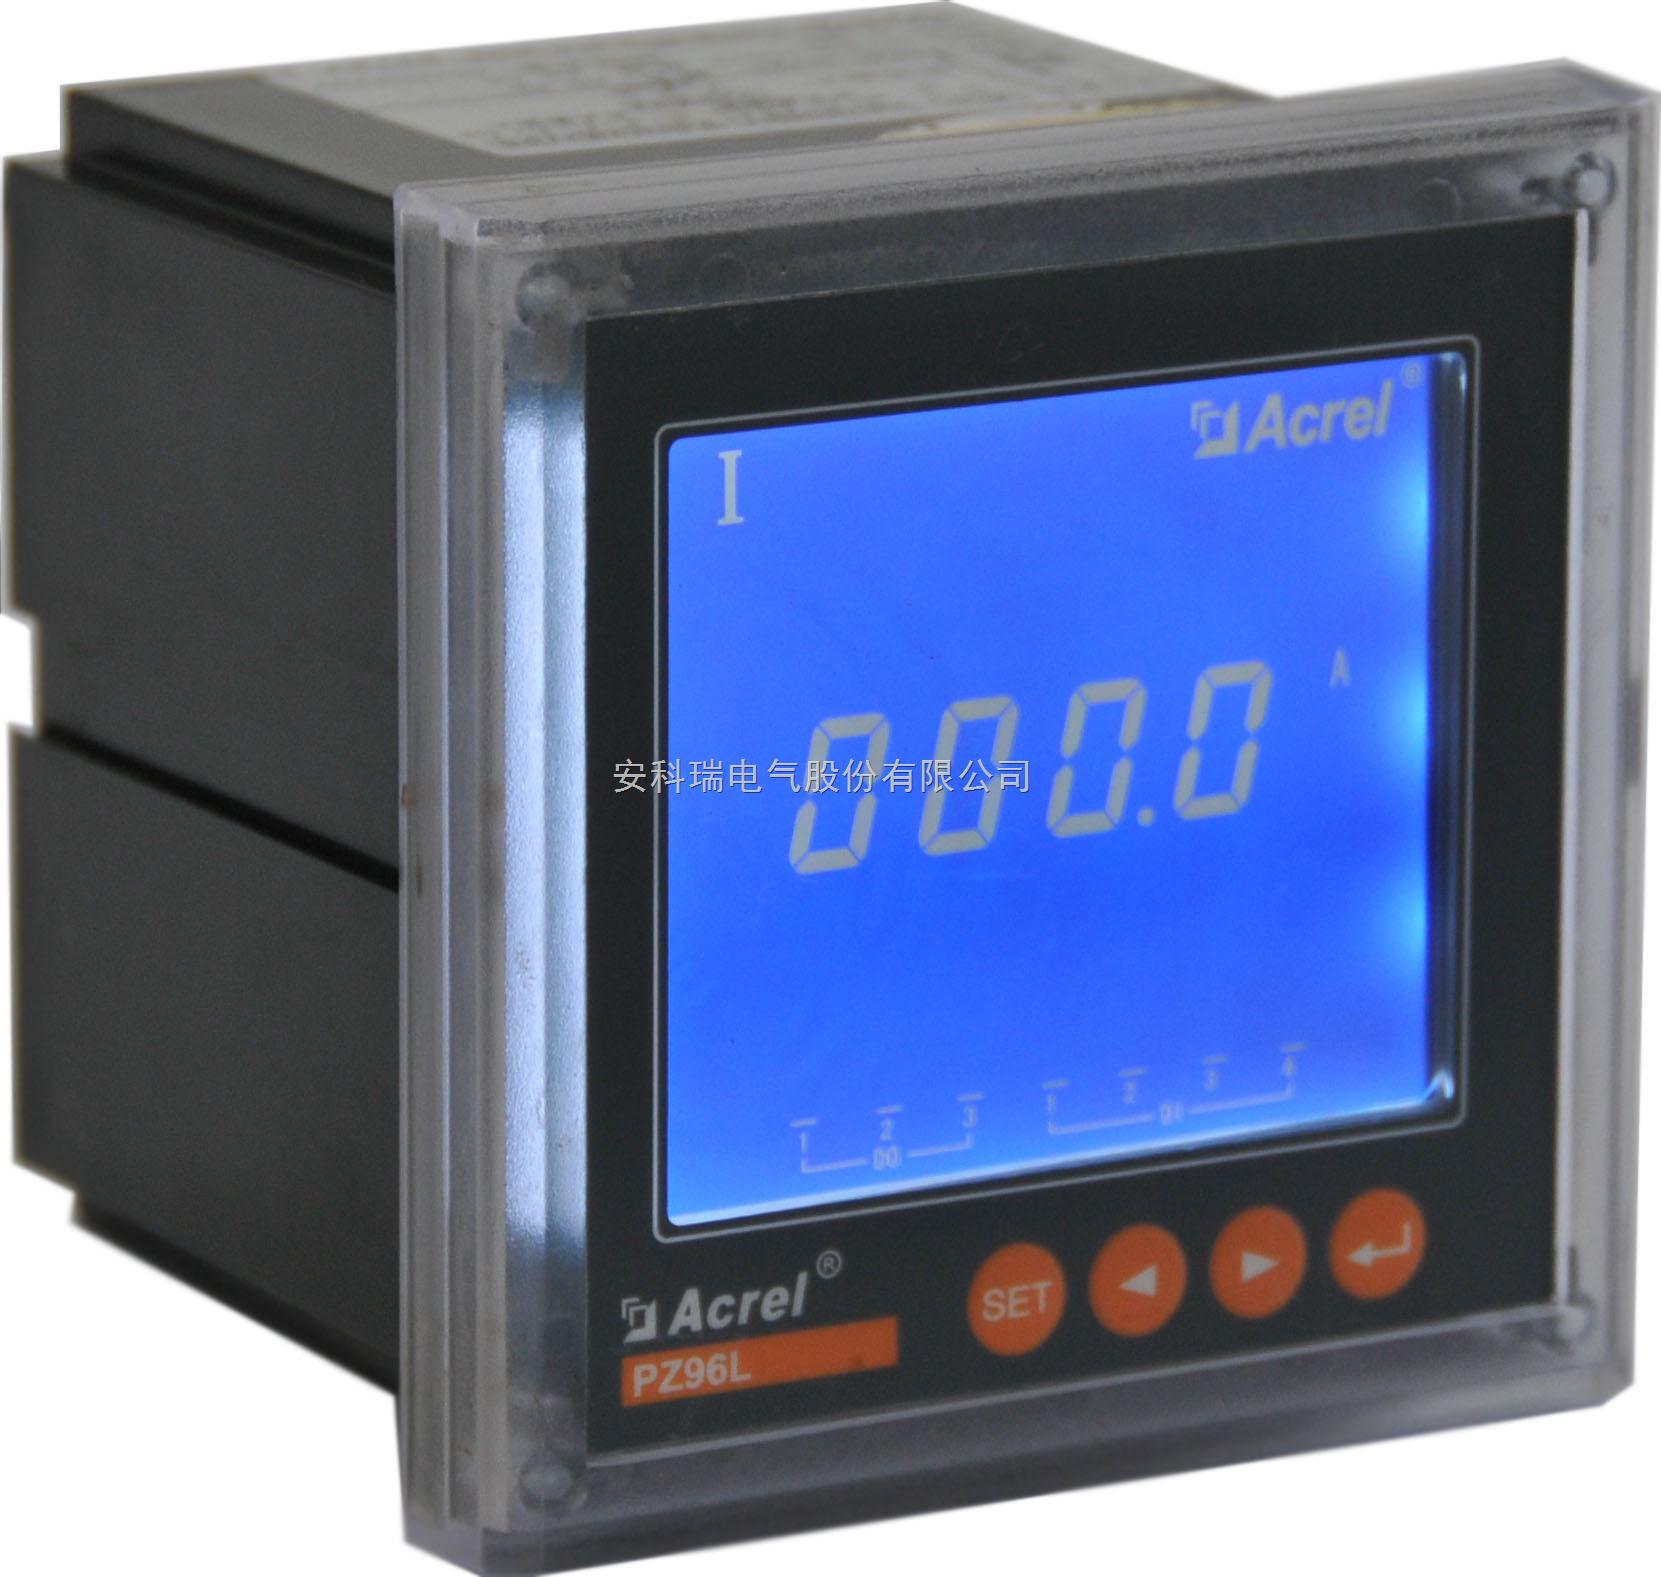 安科瑞单相液晶电压表P96L-AV热卖